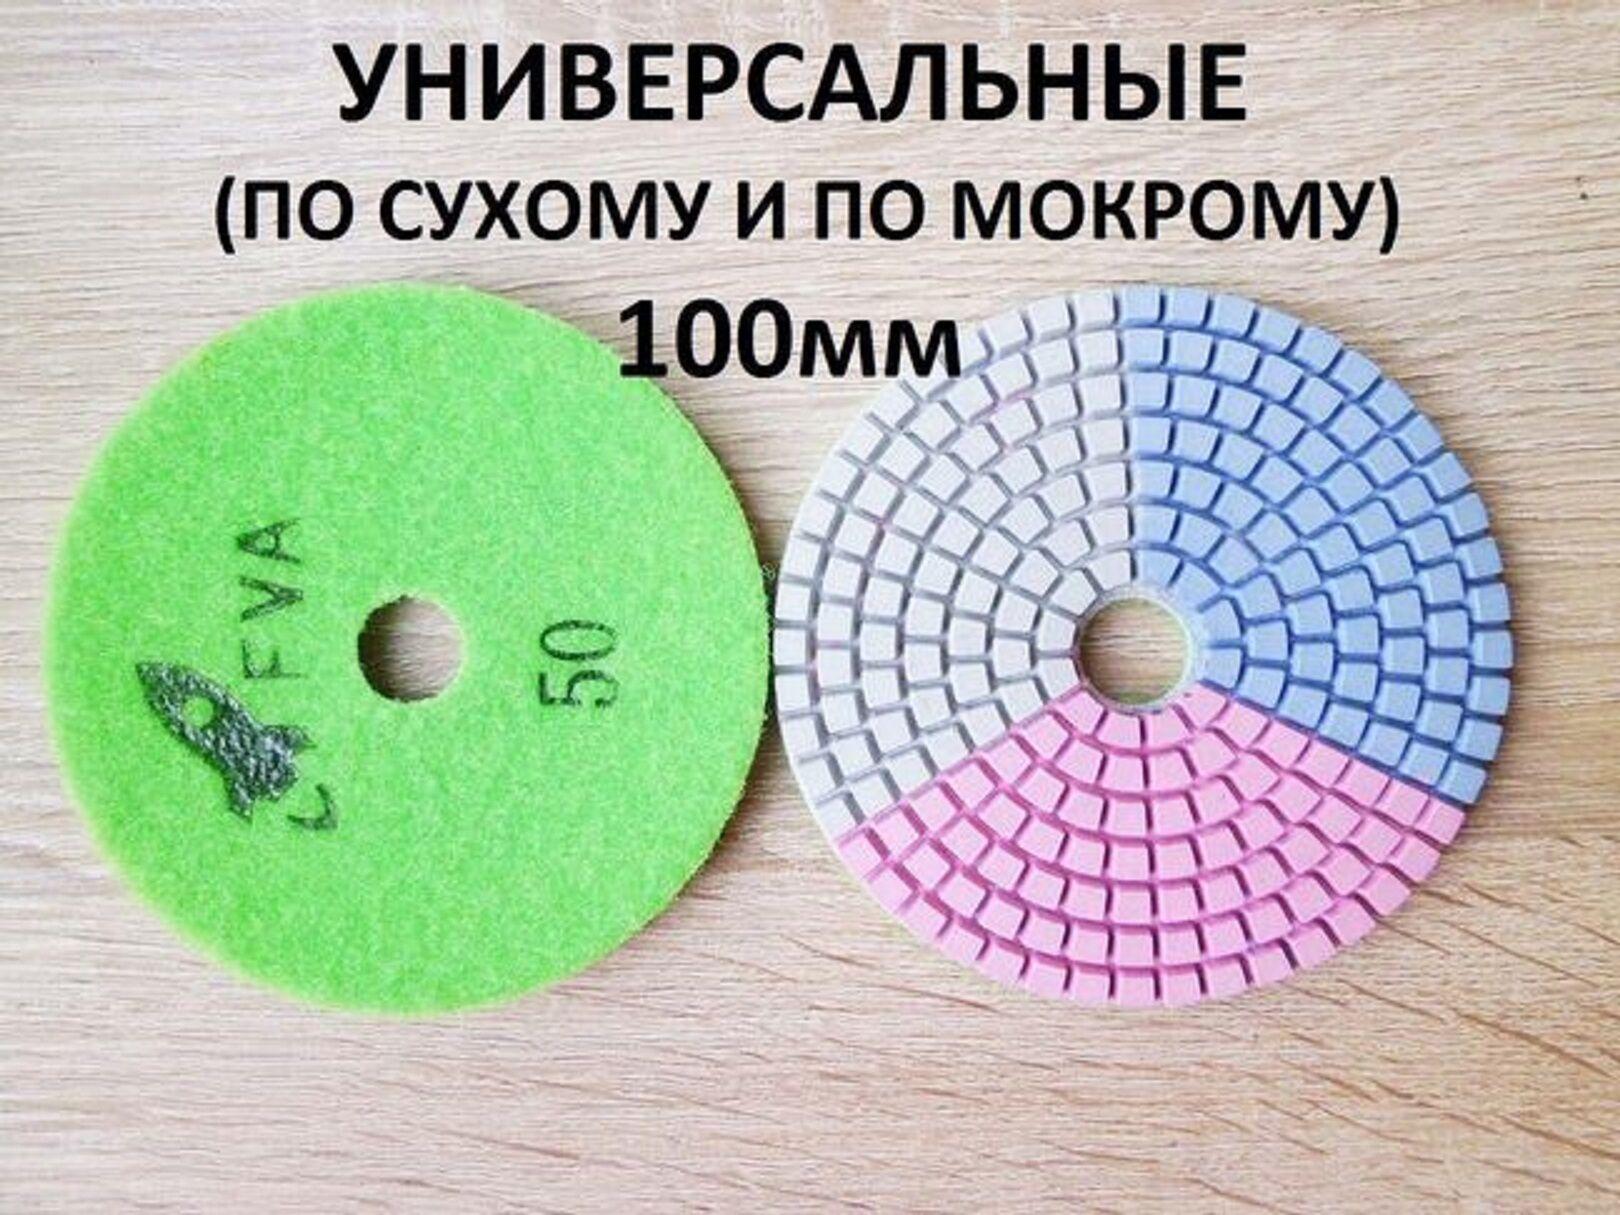 """Алмазные гибкие шлифовальные круги(АГШК) """"универсальные""""(по сухому и по мокрому),для шлифовки камня(гранита и мрамора),керамогранита,металла,стекла и т.д,. d=100 мм. Зернистость: #30-50-80-100-120-150-200-300-400-500-600-800-1000-1200-1500-2000-2500-3000-"""